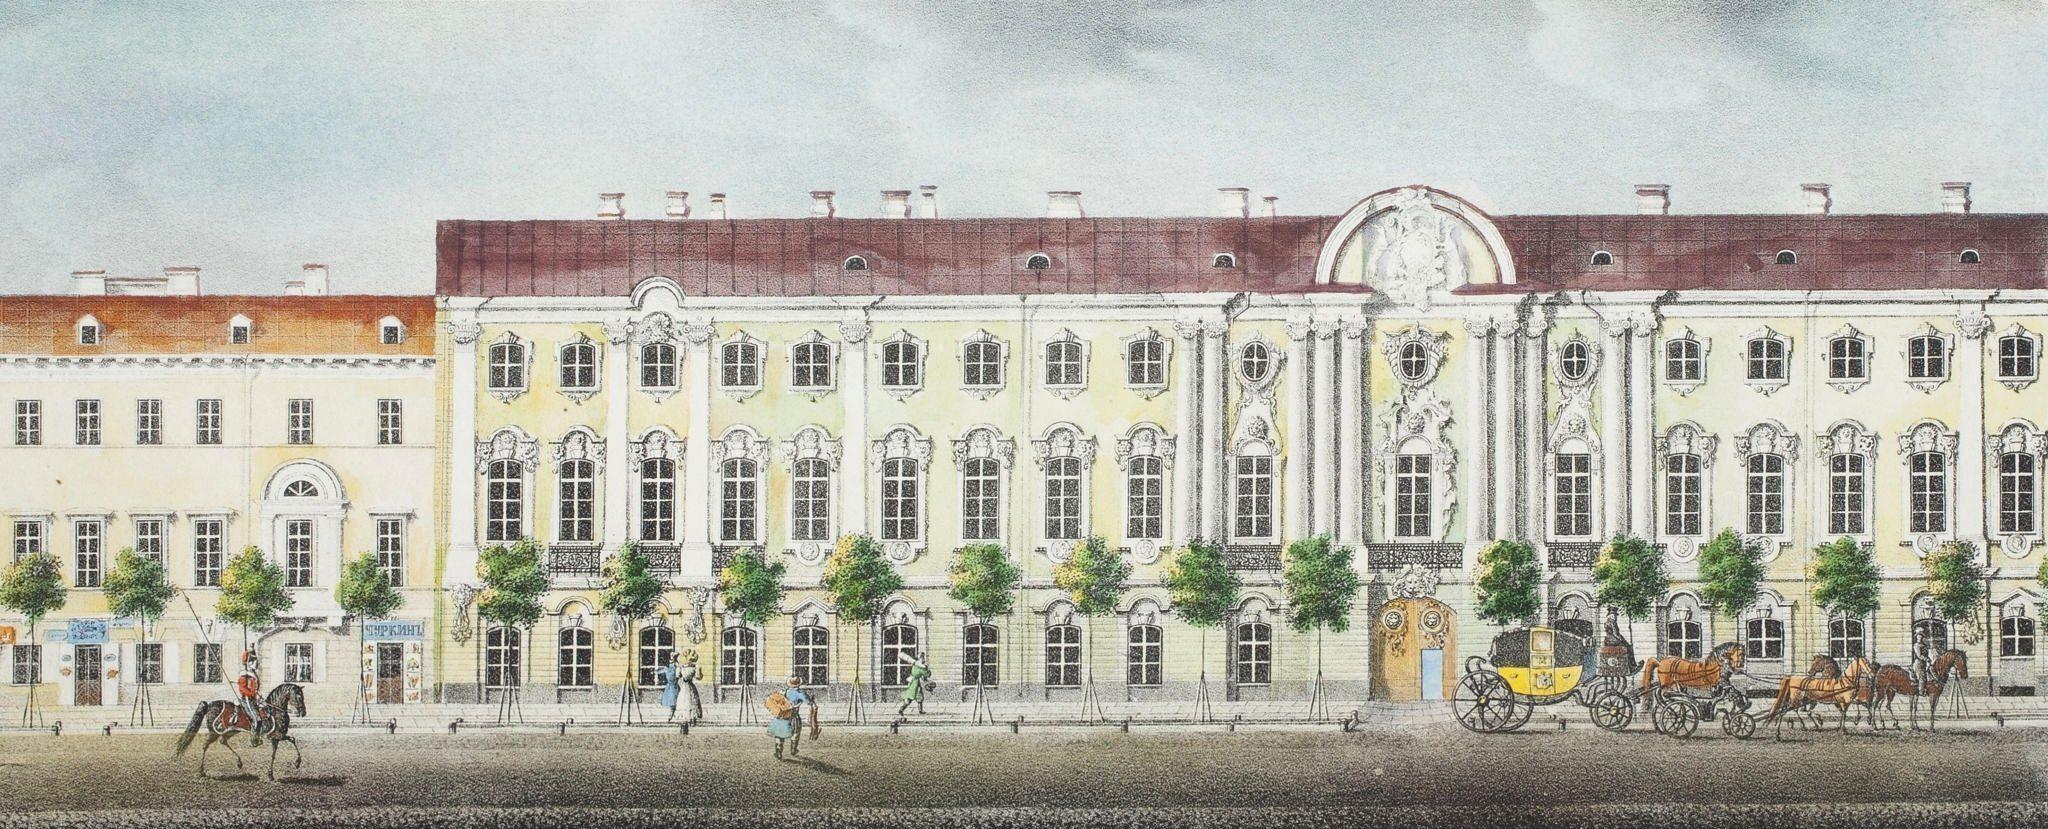 Строгановский дворец, 1830-1835